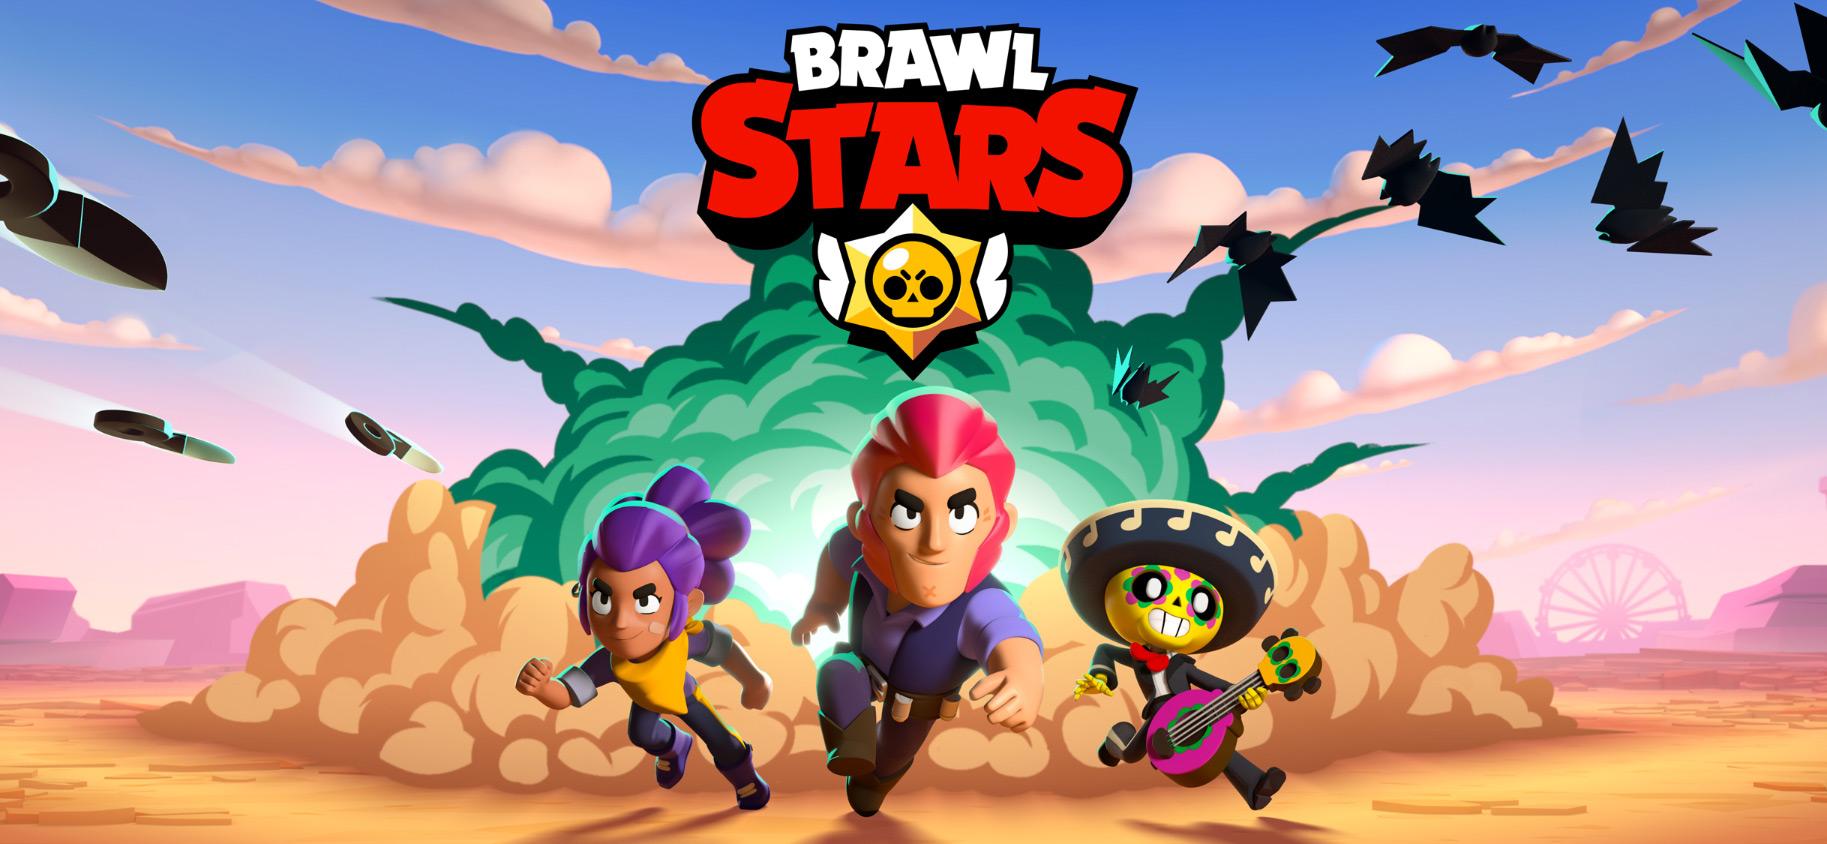 Conheça o Brawl Stars, game lançado globalmente para Android e iOS